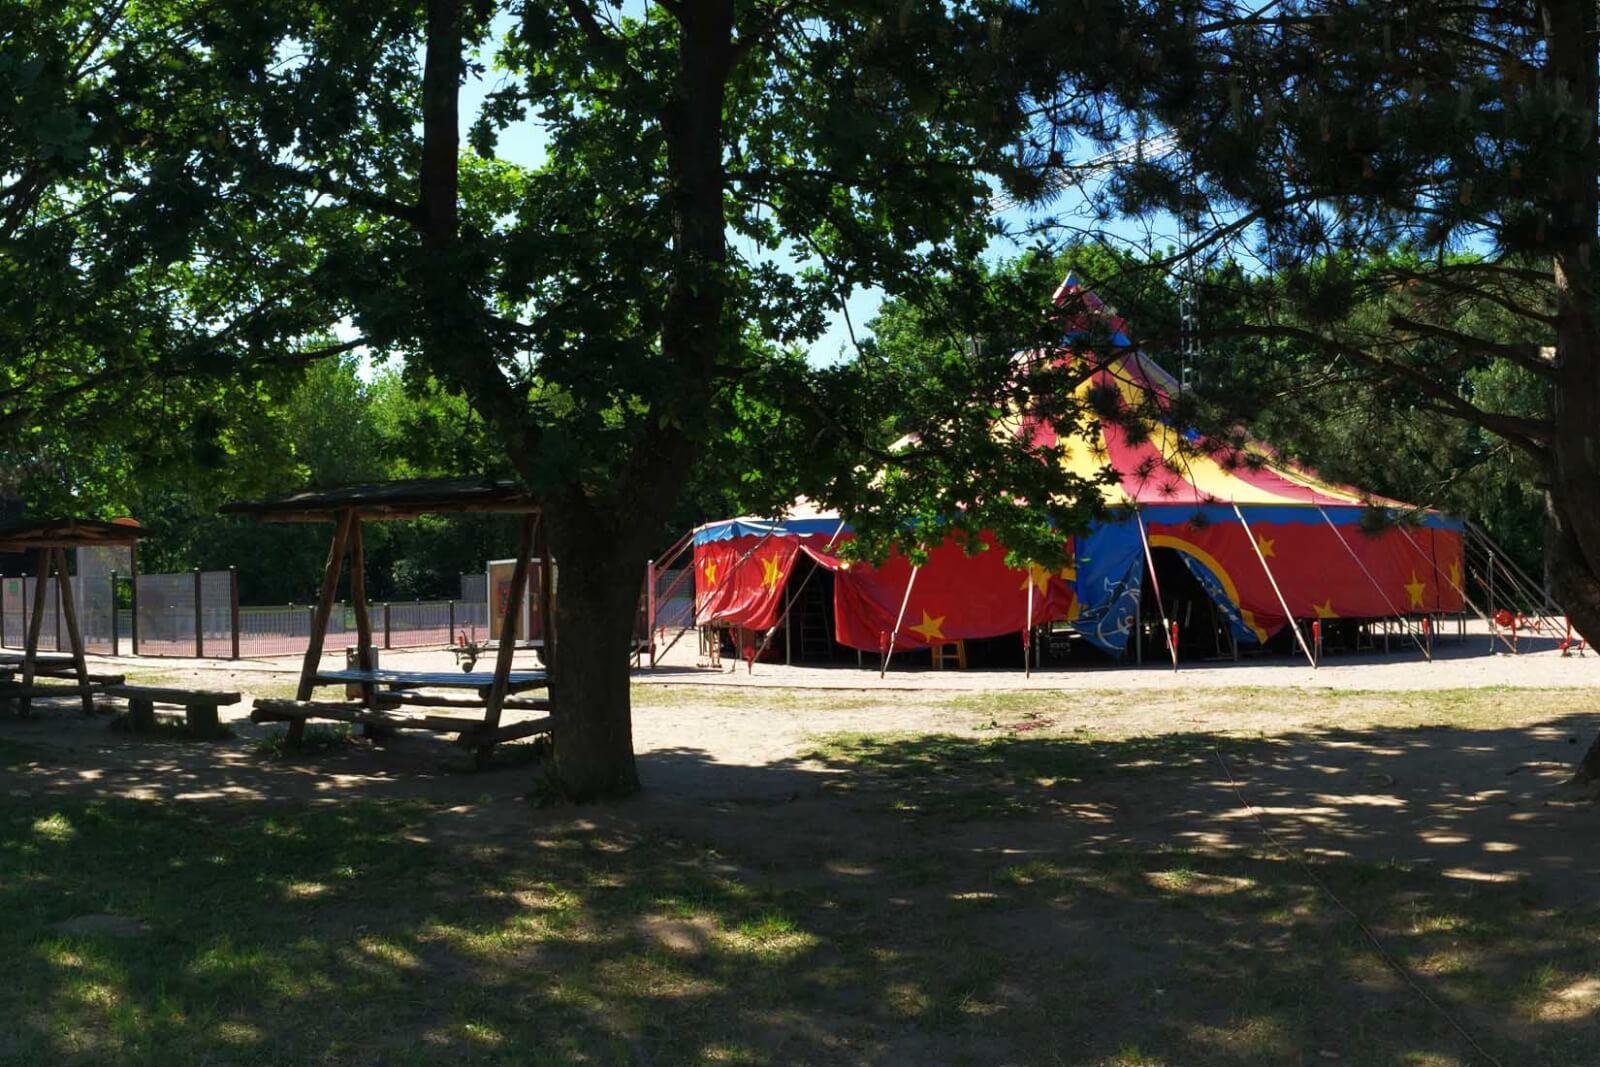 Zirkuszelt auf dem Gelände Rostocker Freizeitzentrum e.V.